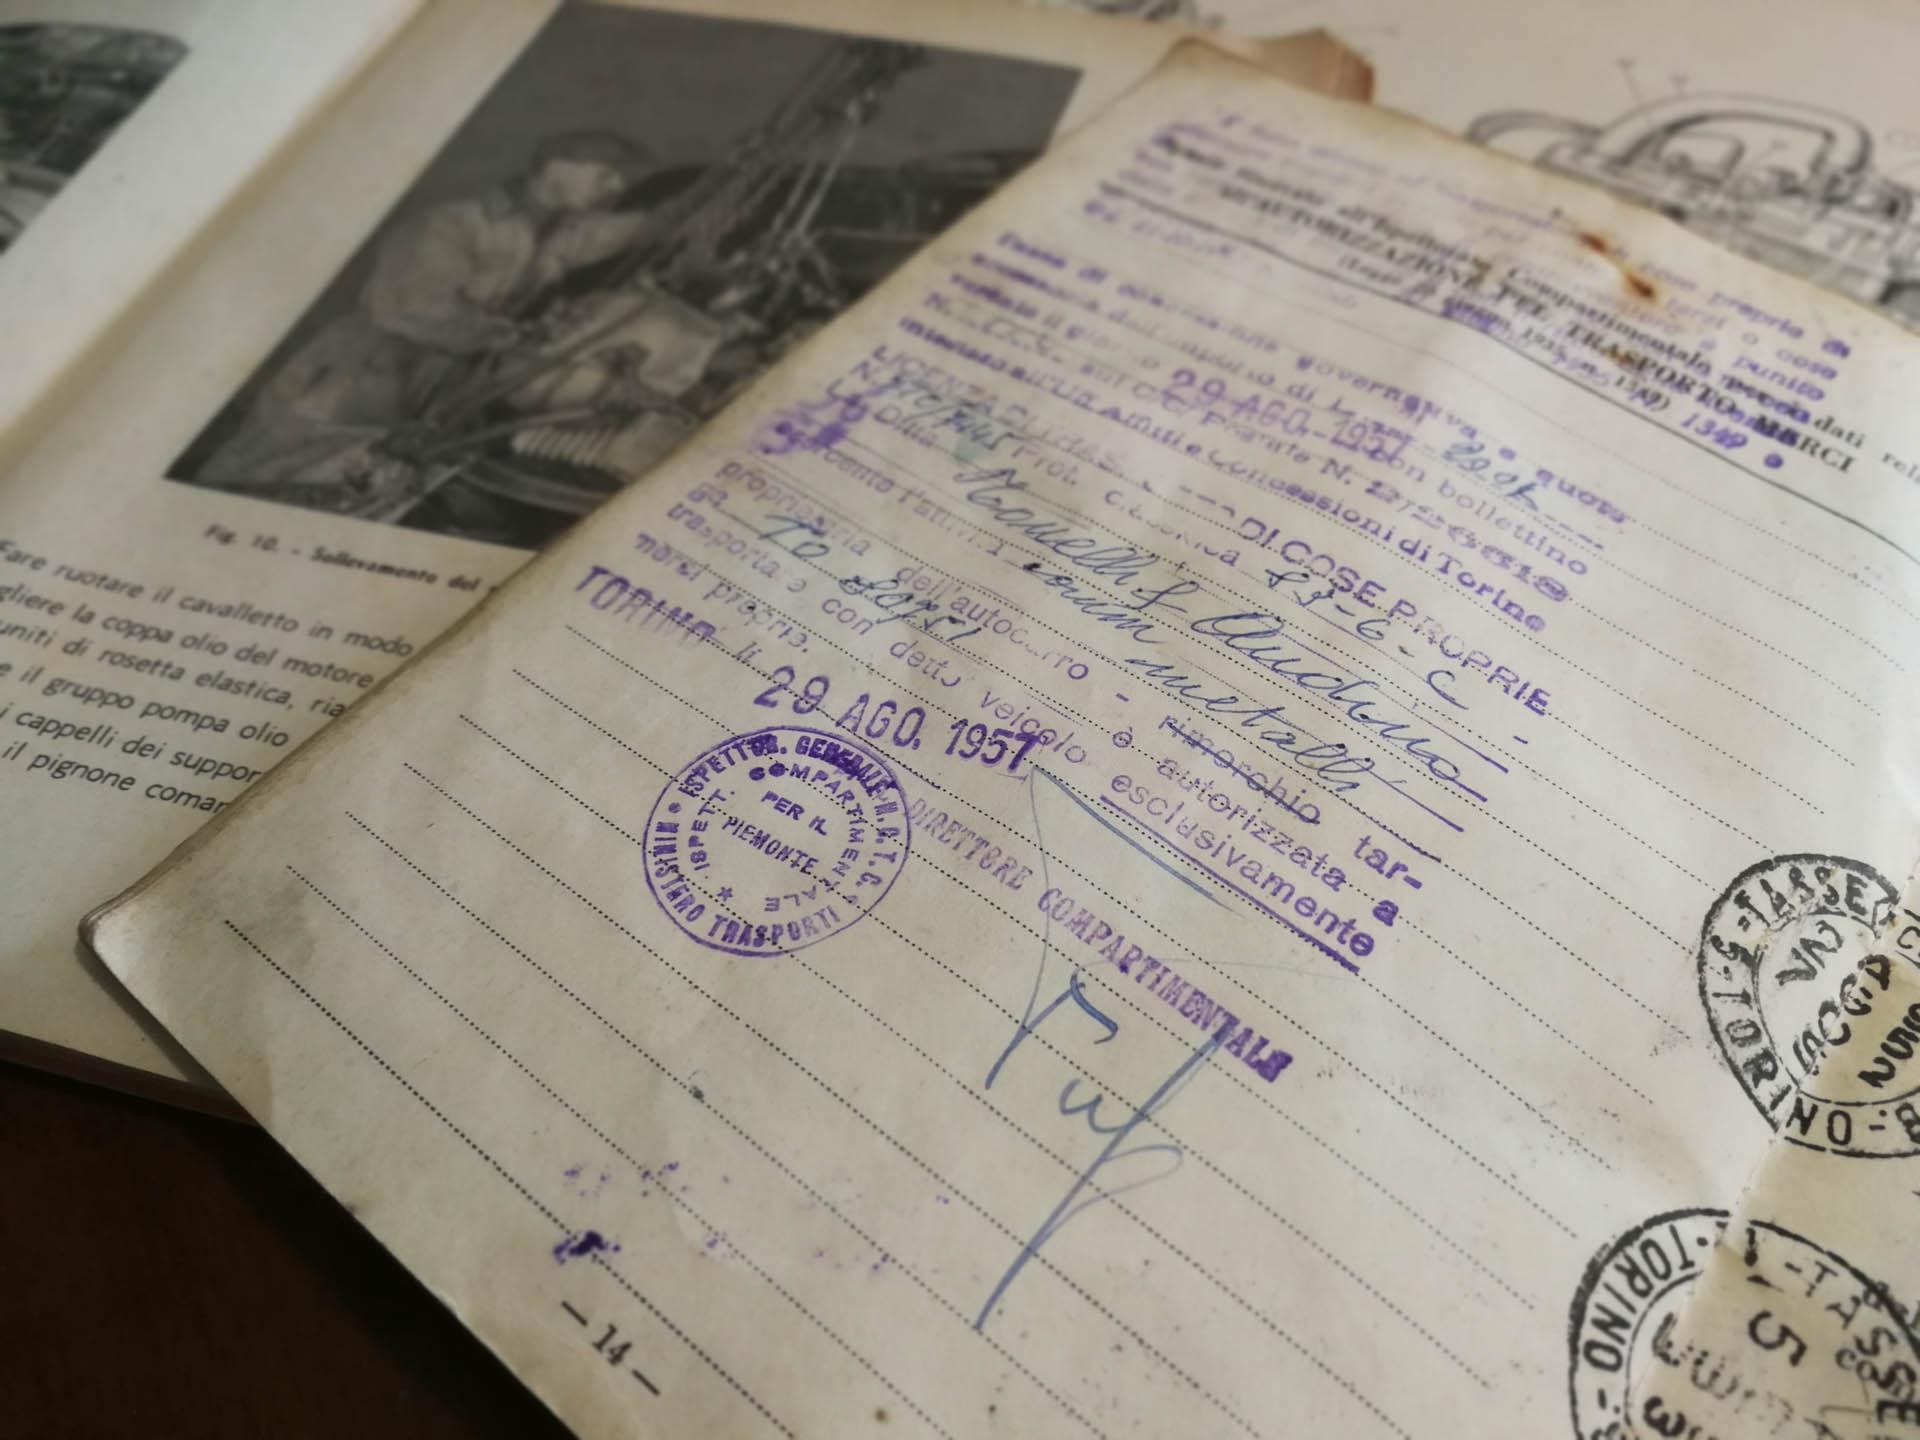 Documento unico, la svolta per i vecchi libretti - Ruoteclassiche